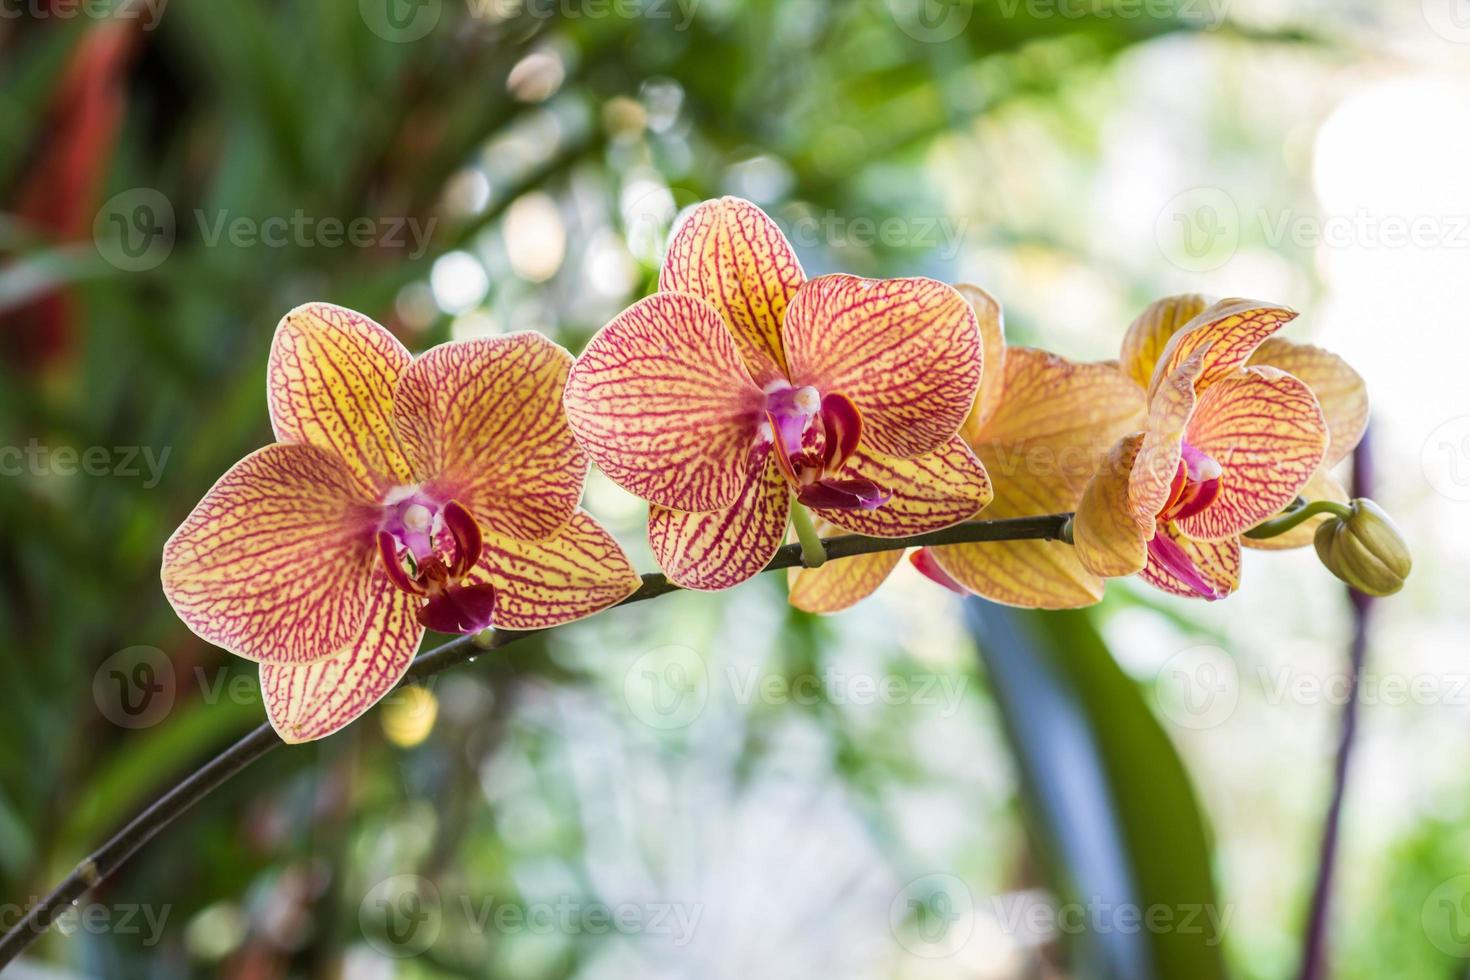 phalaenopsis, plantas tropicales de flor de orquídea en flor de primer plano. foto